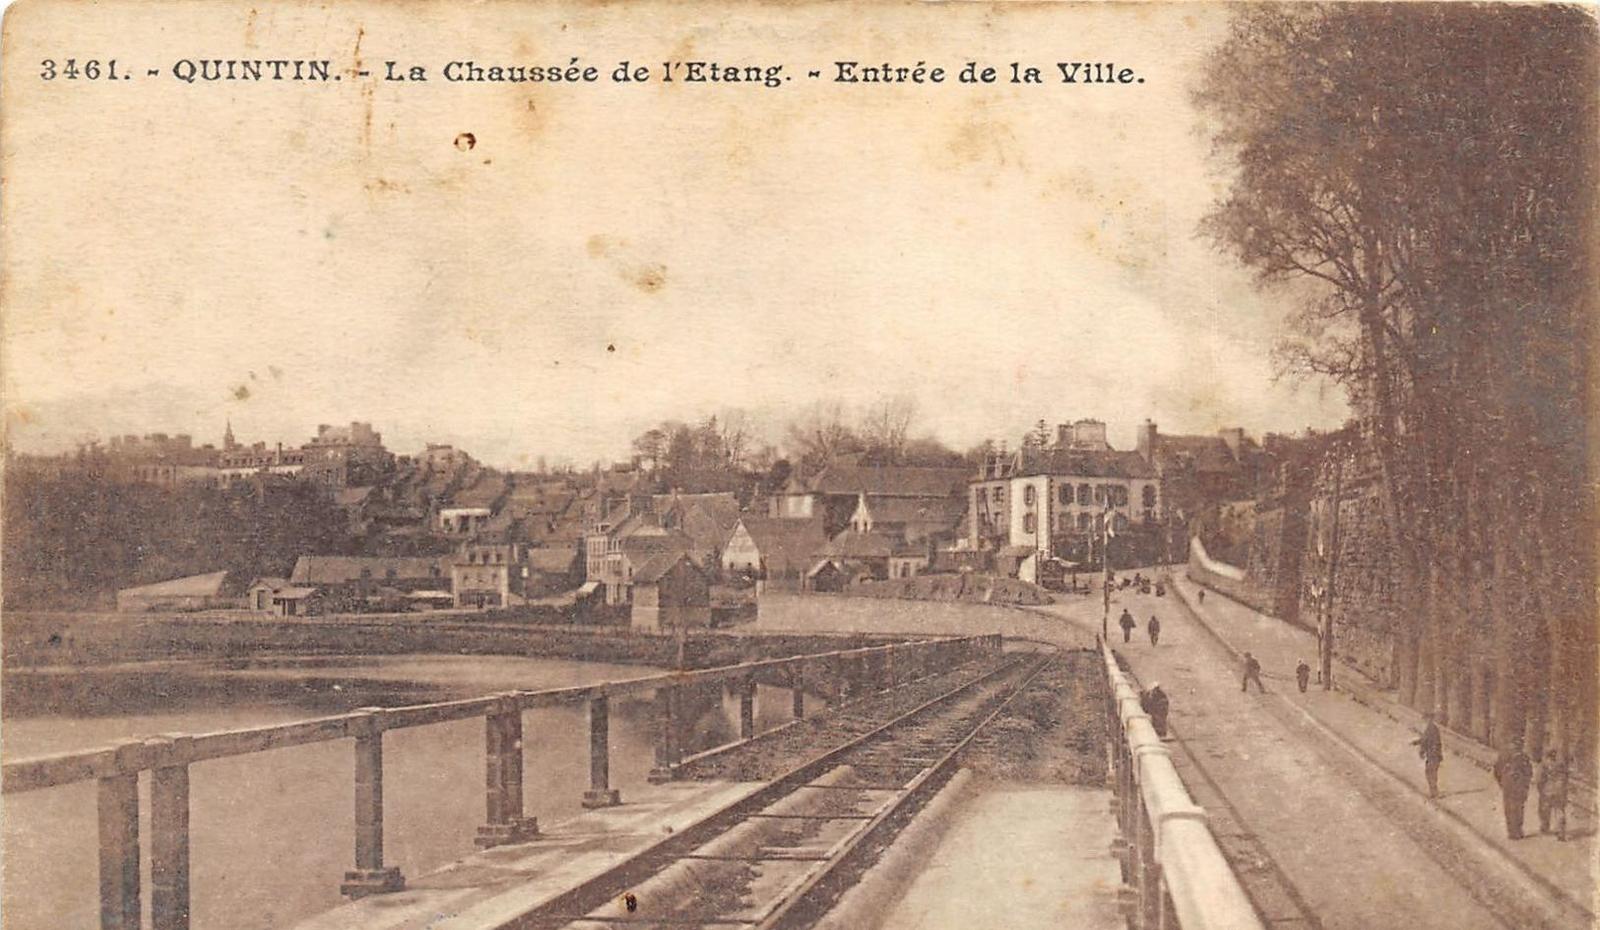 Quintin - Quintin - La Chaussée de l'Etang - Entrée de la Ville